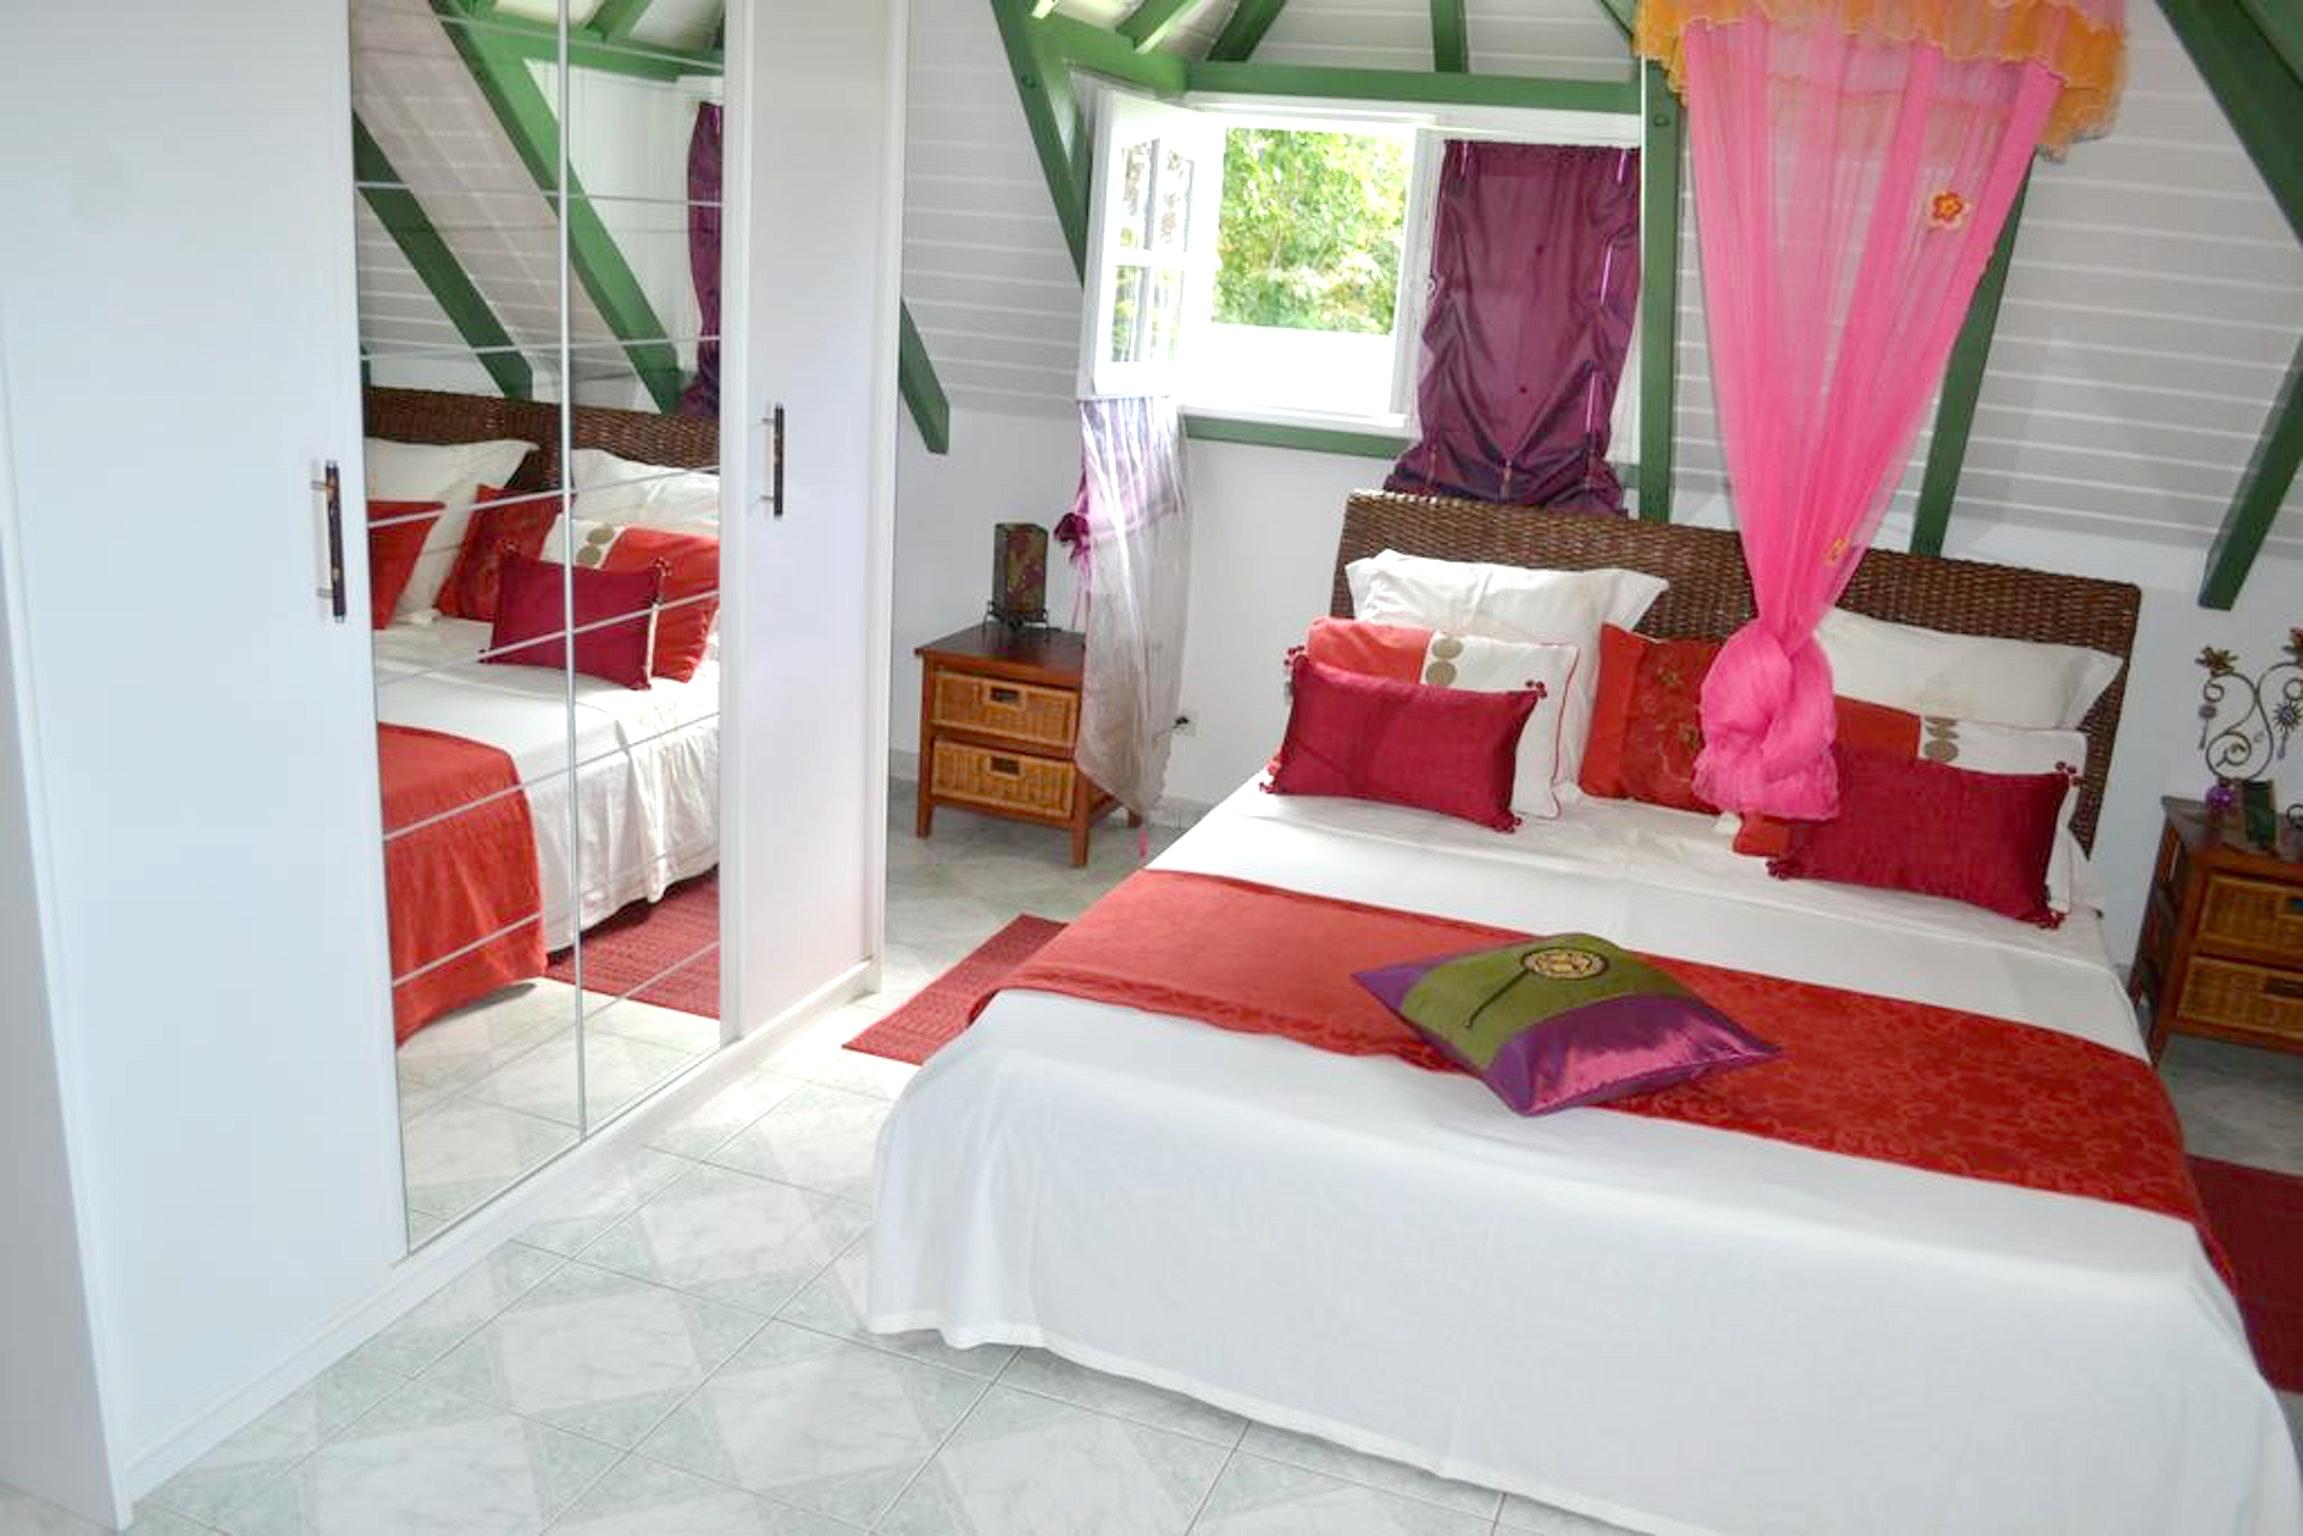 Wohnung mit 3 Schlafzimmern in Deshaies mit herrli Ferienwohnung in Guadeloupe